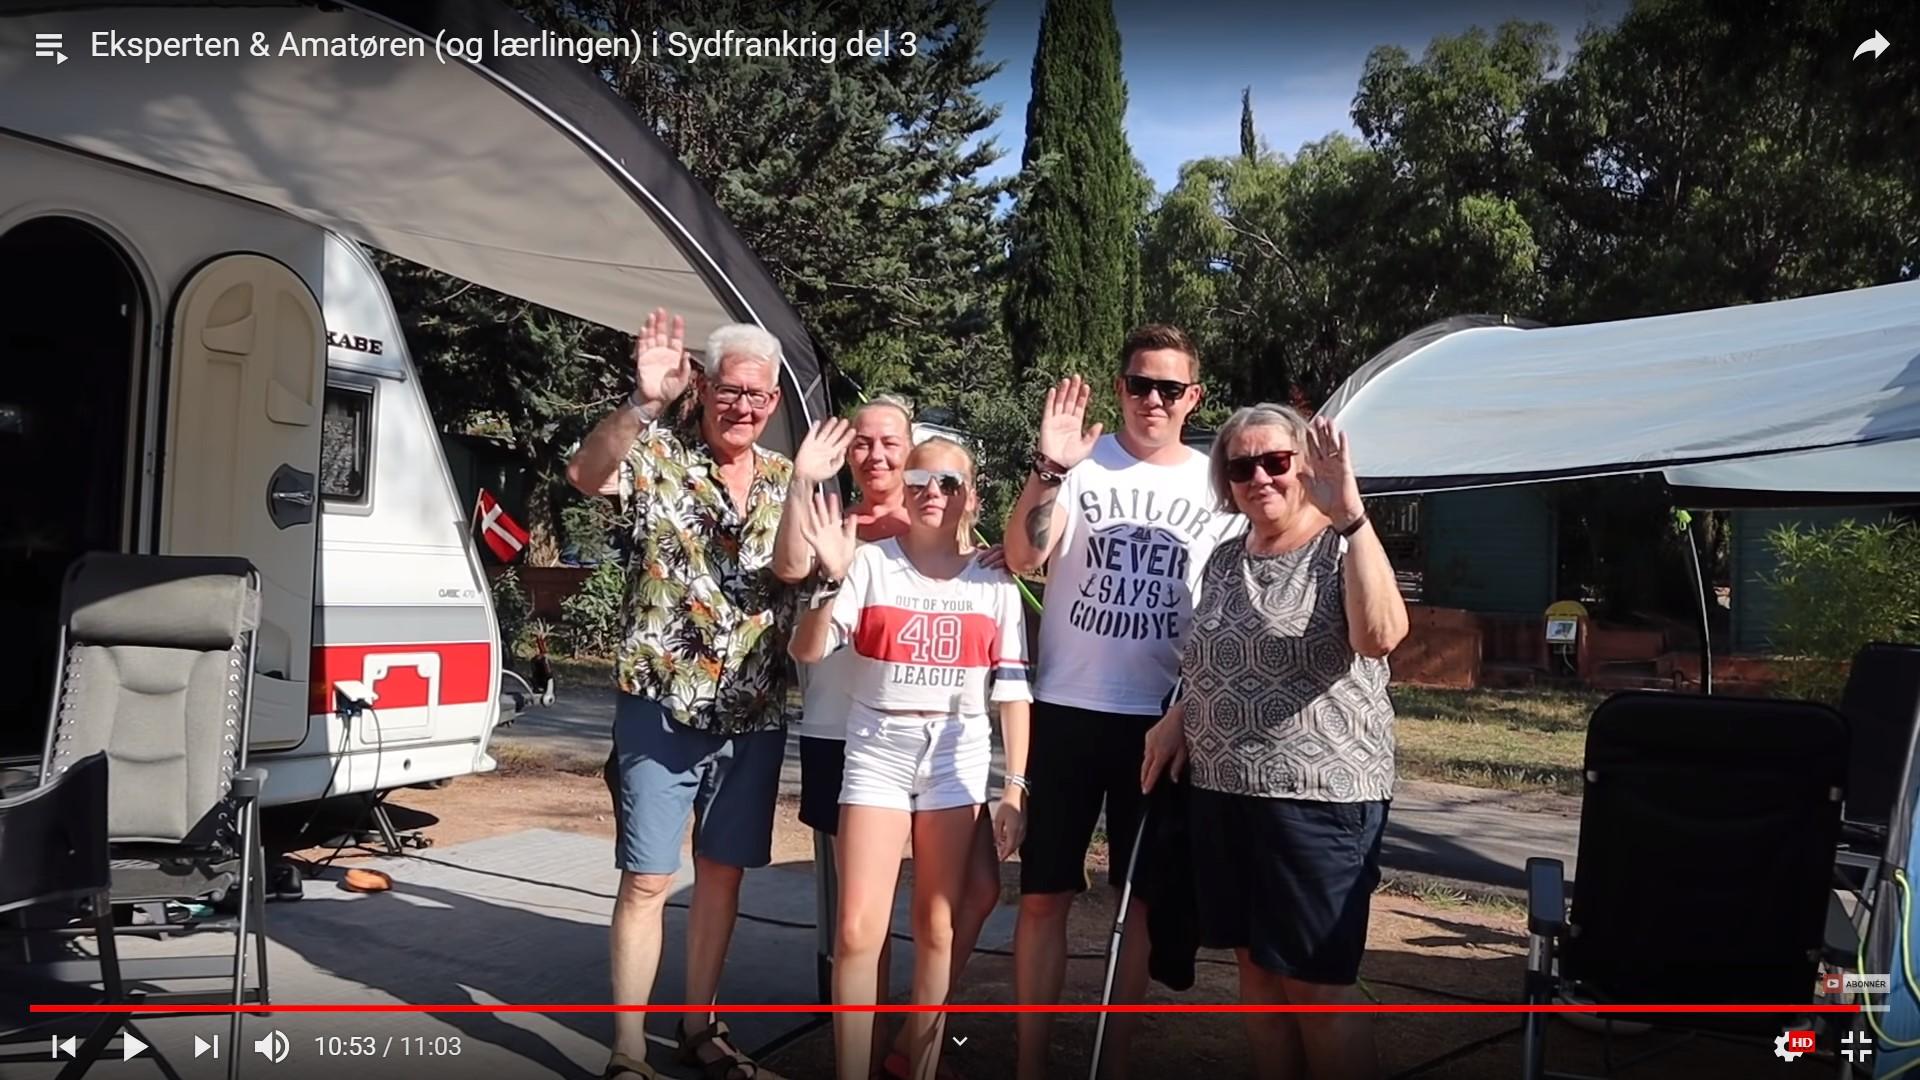 Eksperten og Amatøren og Lærlingen i Sydfrankrig - del 2 og del 3